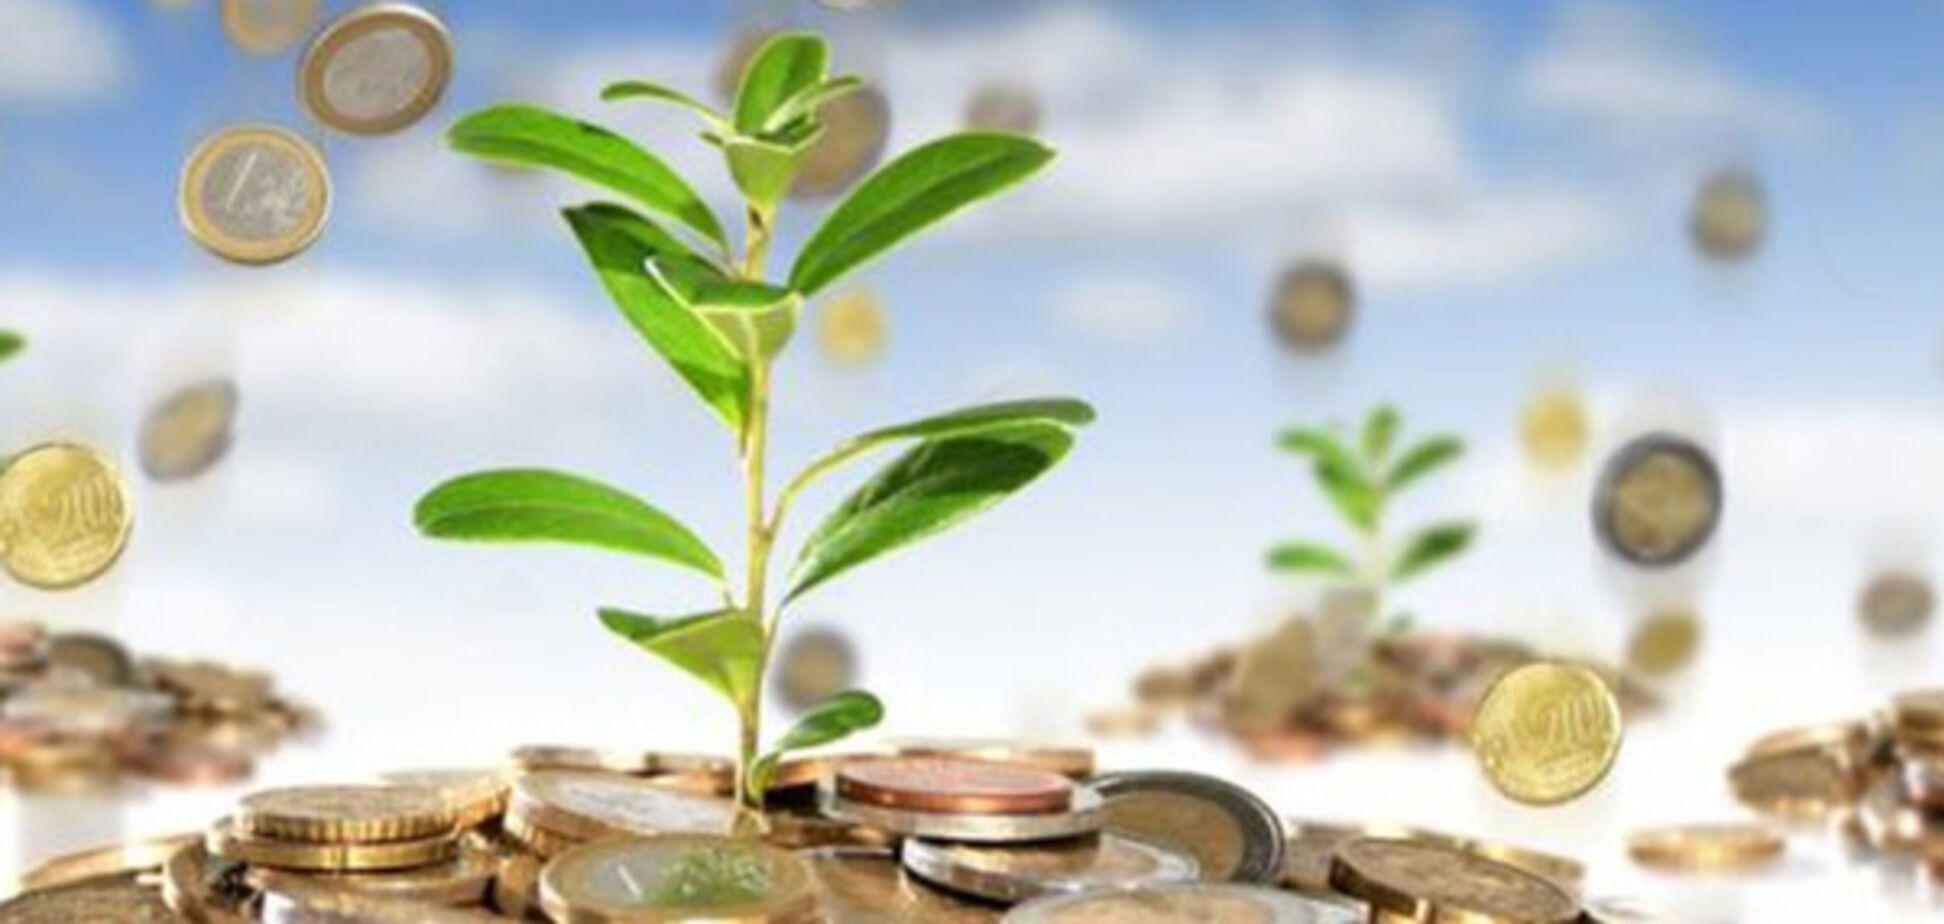 Коновалюк: инвестиции из Китая придут только при долгосрочном сотрудничестве